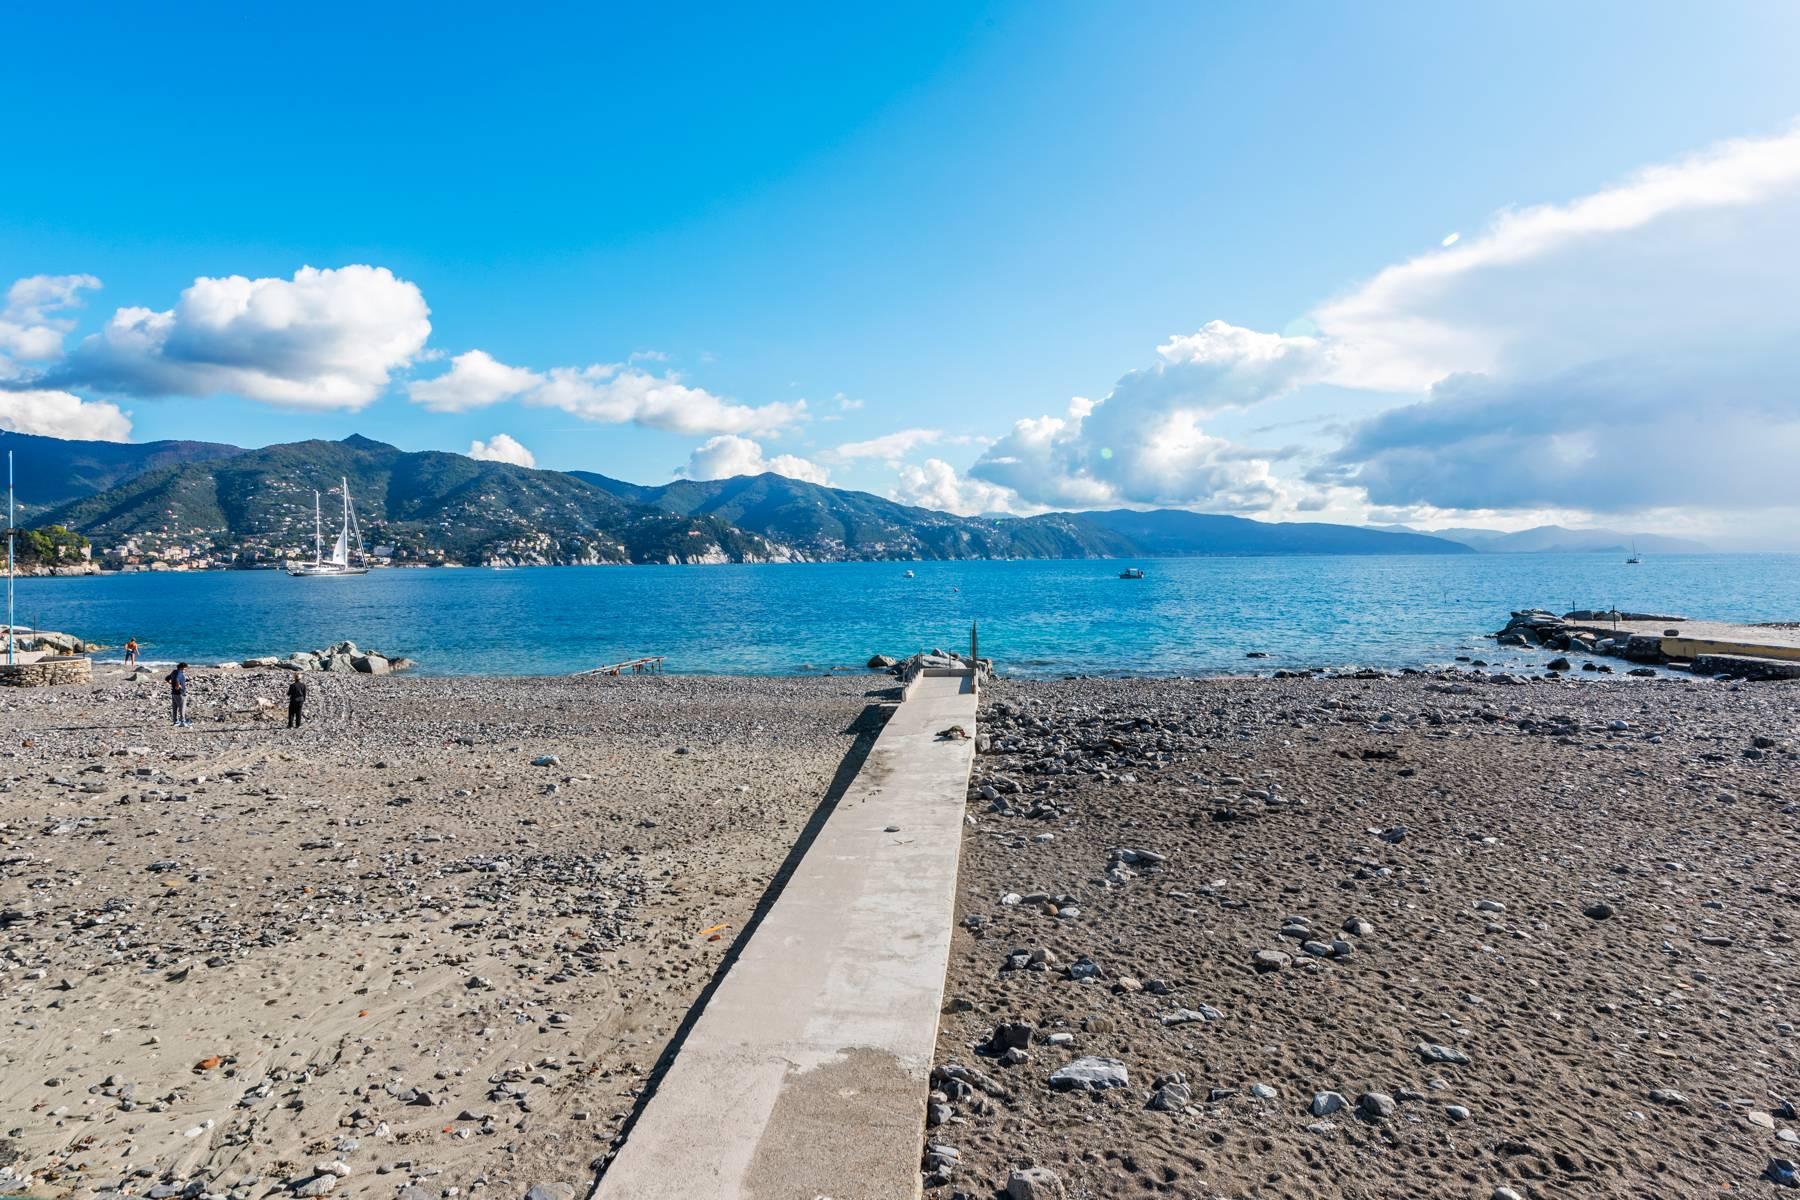 Appartamento in Vendita a Santa Margherita Ligure: 5 locali, 120 mq - Foto 5